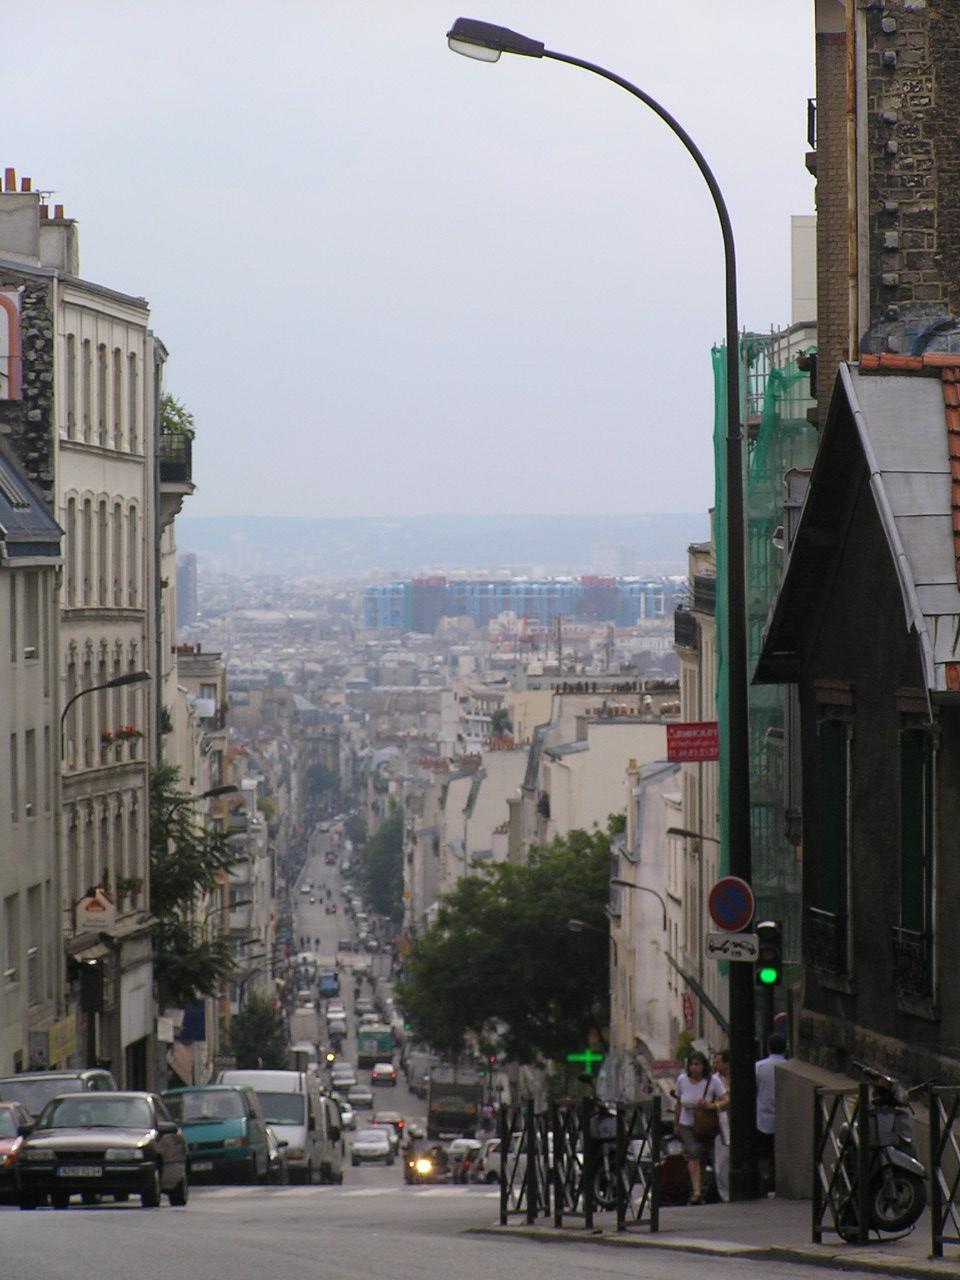 20e arrondissement de paris wikivoyage le guide de voyage et de tourisme collaboratif gratuit. Black Bedroom Furniture Sets. Home Design Ideas